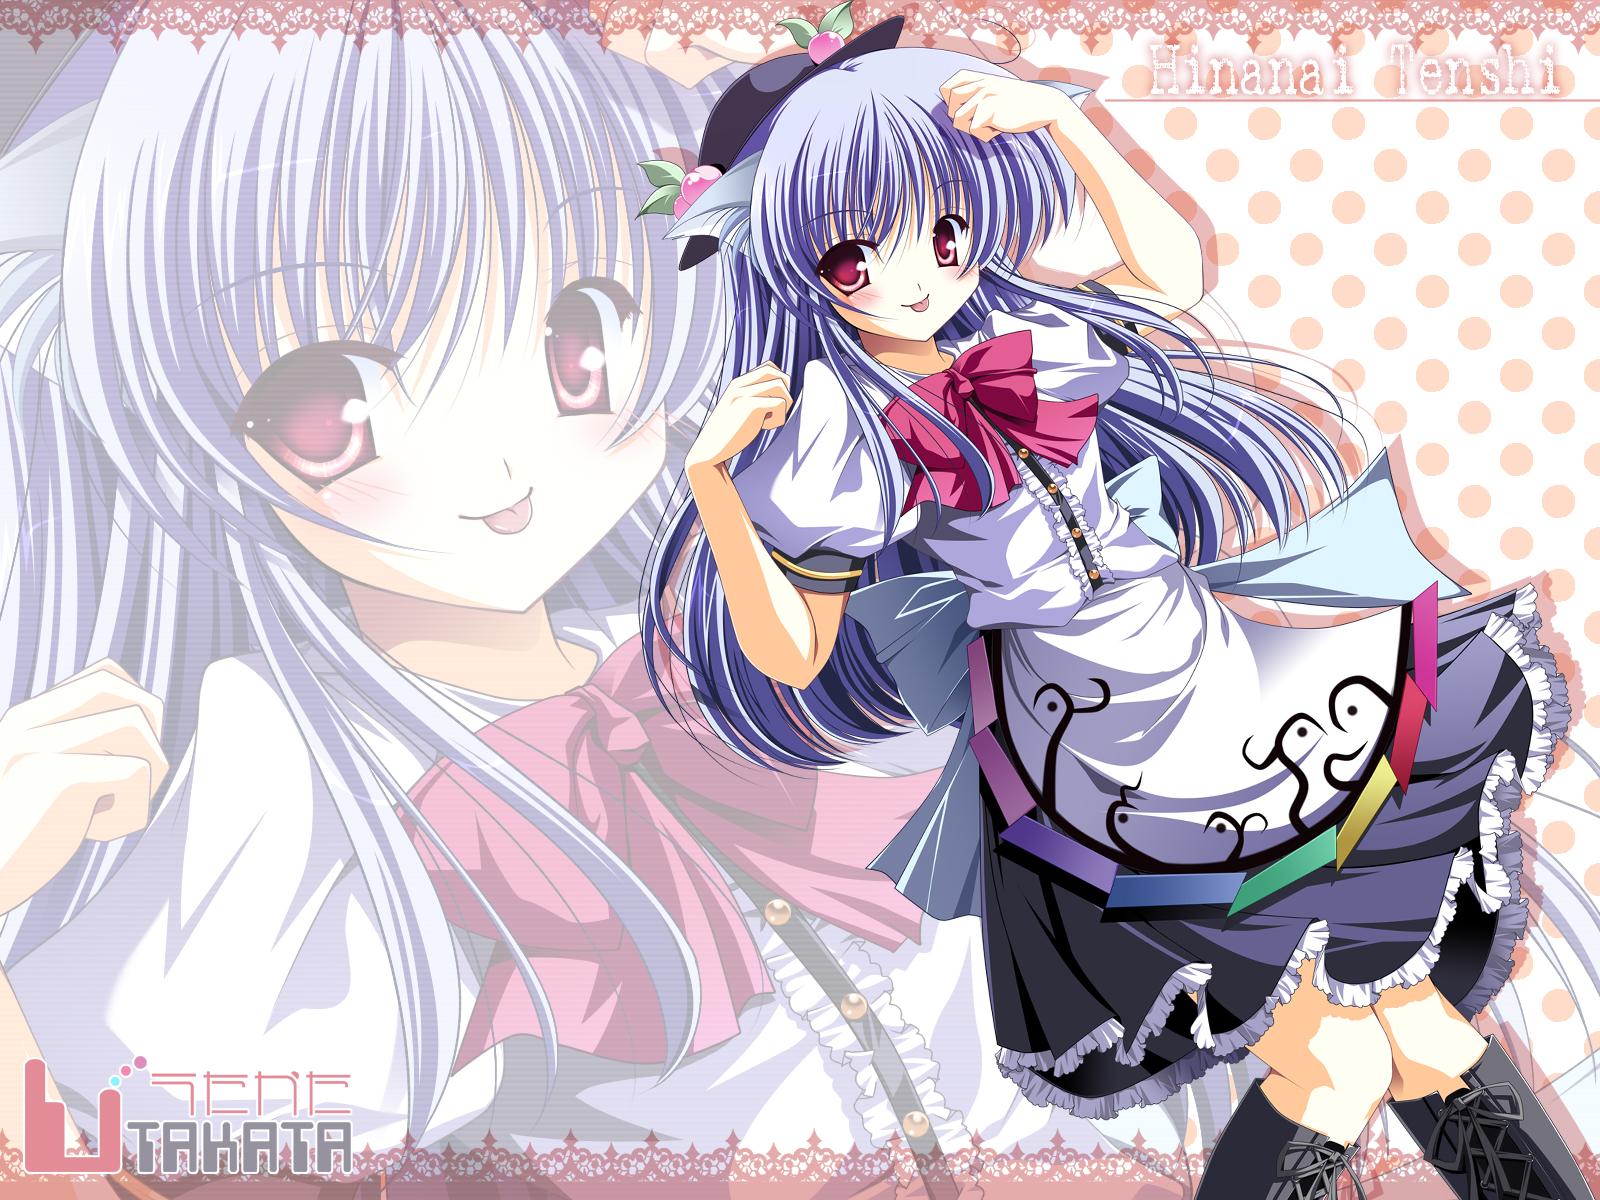 animal_ears blush boots hat hinanawi_tenshi long_hair purple_hair red_eyes skirt touhou zoom_layer